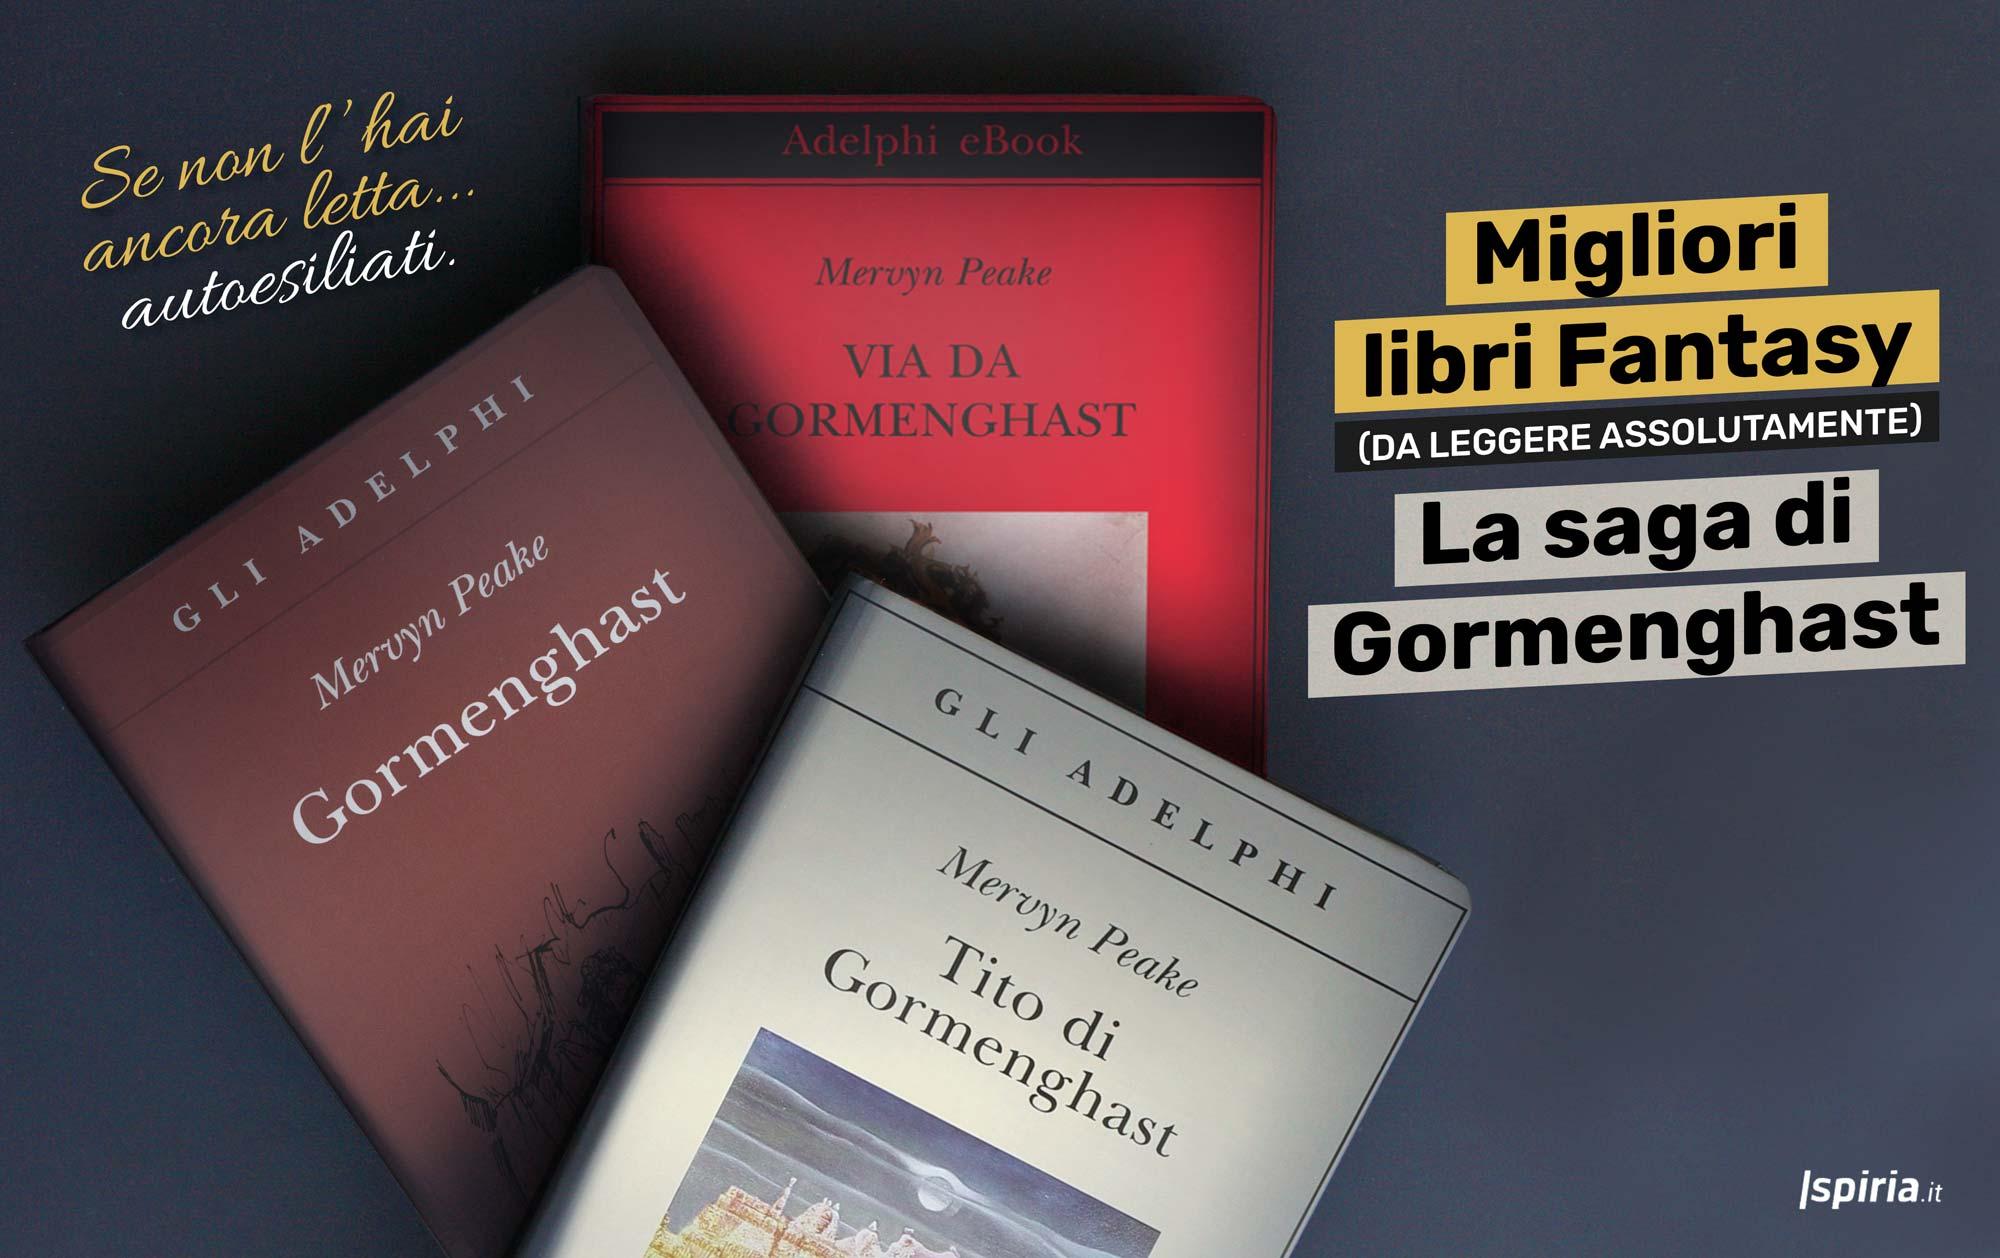 saga-di-gormenghast-migliori-libri-fantasy-da-leggere-assolutamente